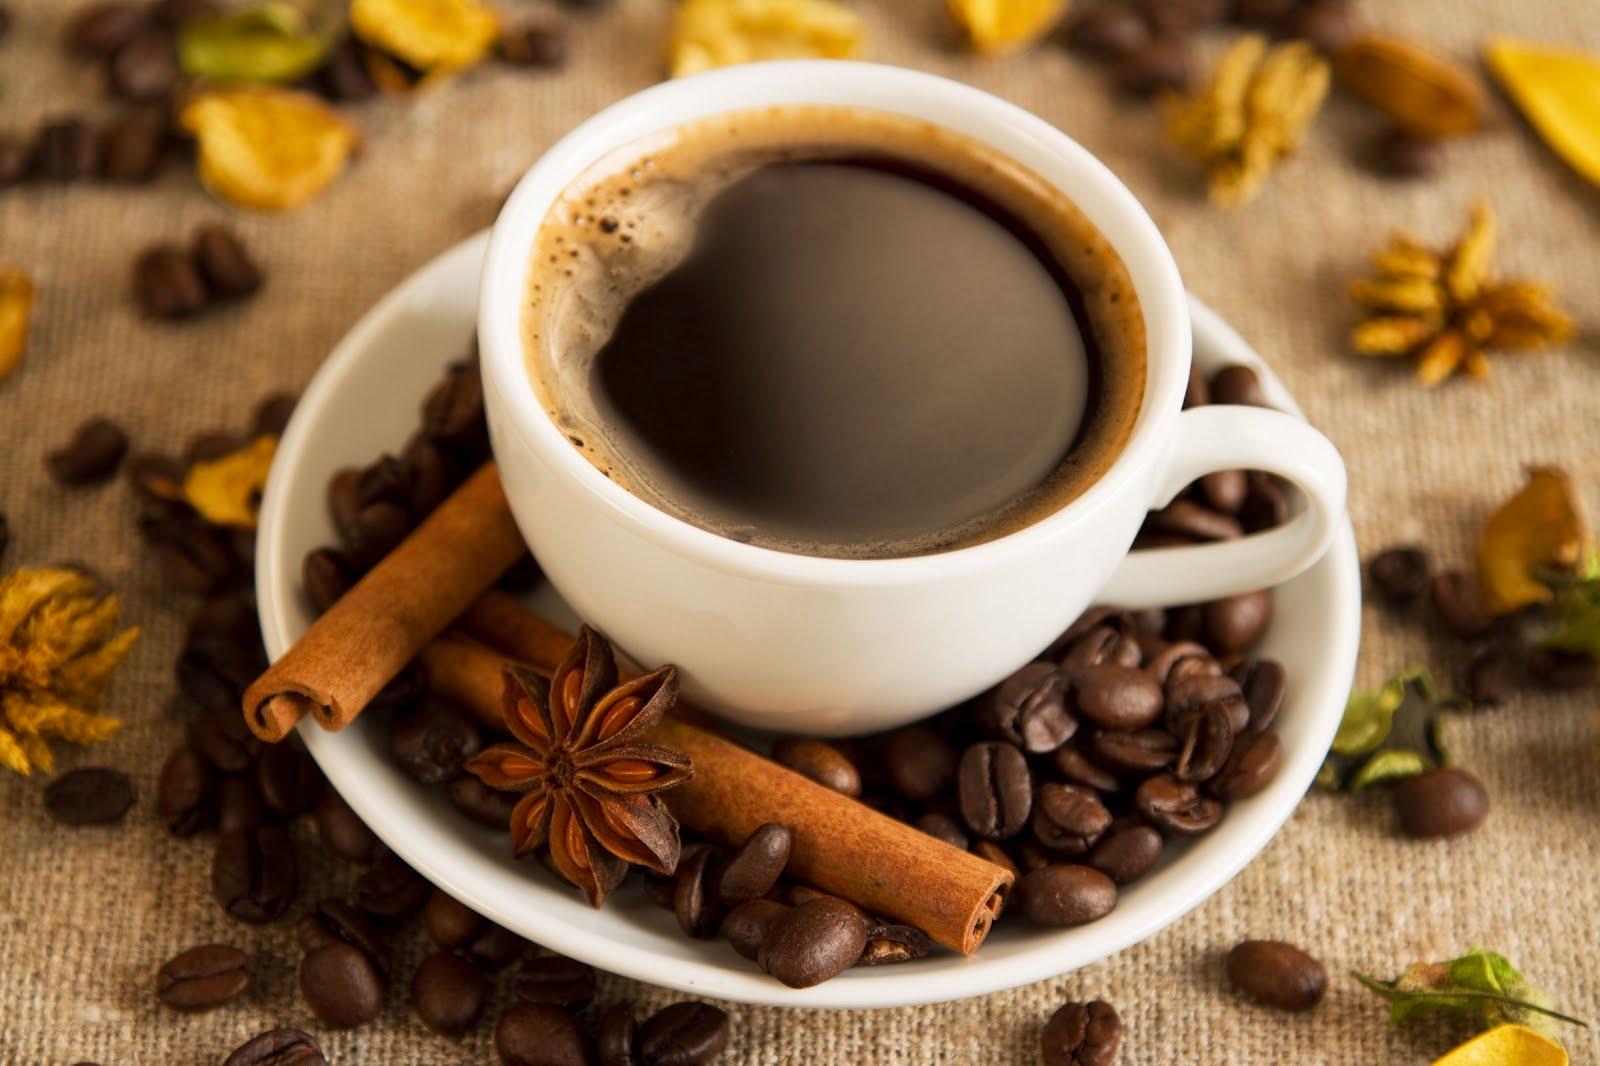 Consumo de café y cafeína no tiene efectos nocivos para salud, según expertos